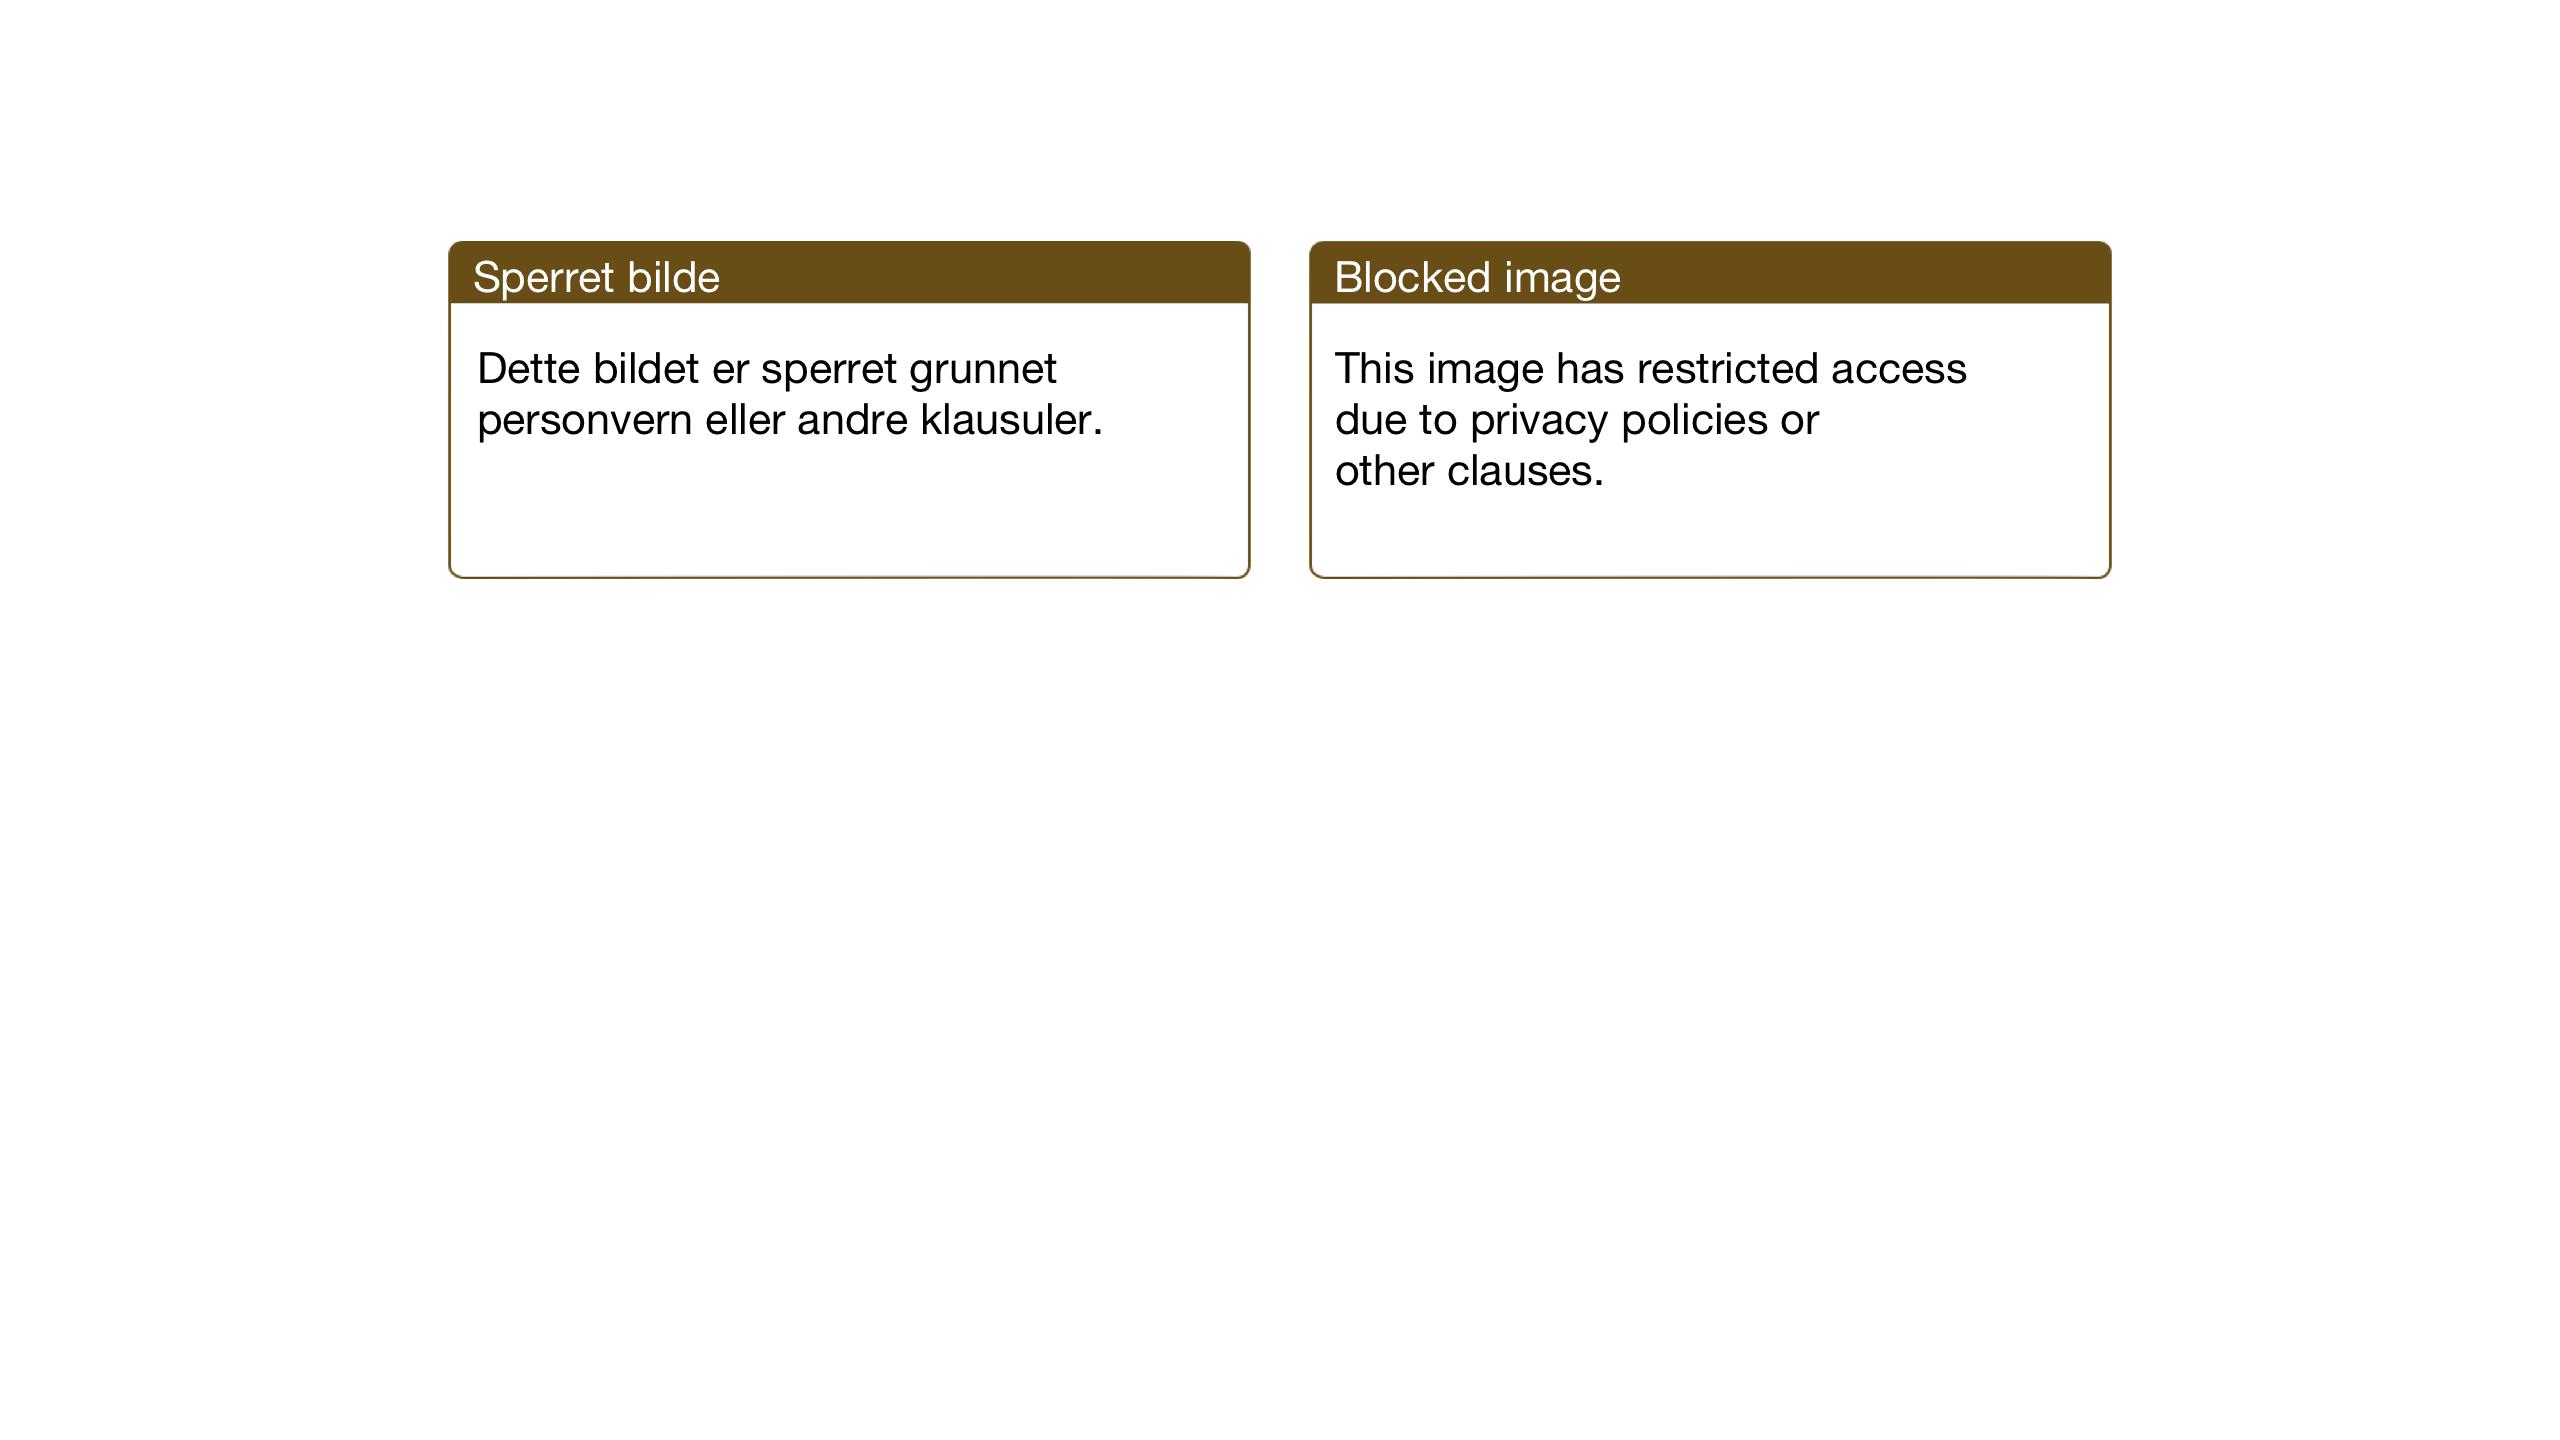 SAT, Ministerialprotokoller, klokkerbøker og fødselsregistre - Sør-Trøndelag, 618/L0454: Klokkerbok nr. 618C05, 1926-1946, s. 78